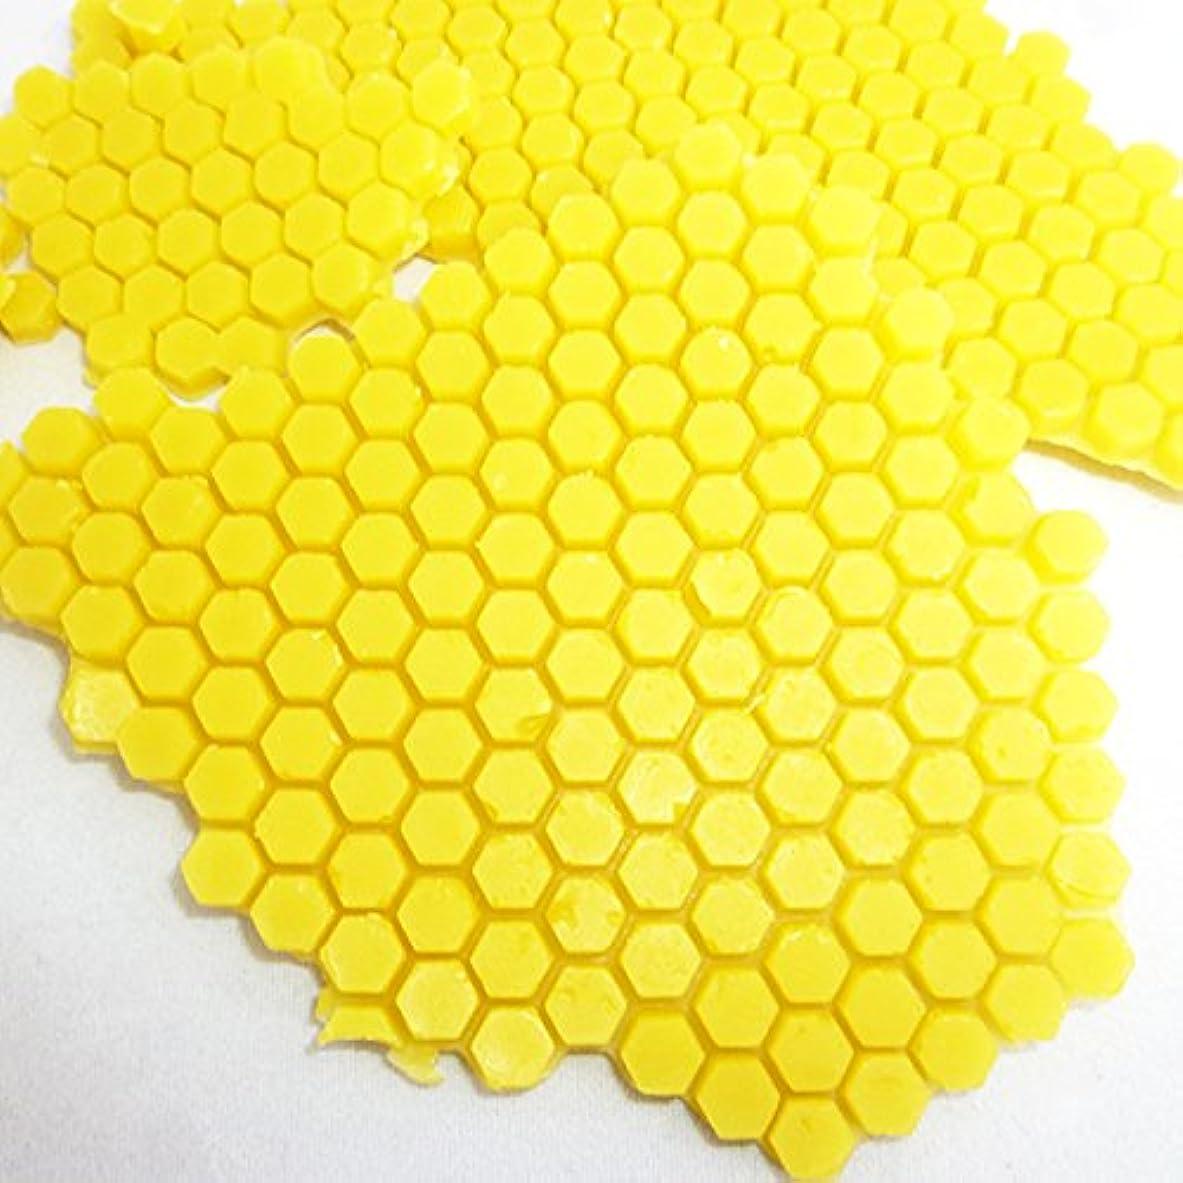 フィドルエコークロール国産純粋蜜蝋(みつろう) 素肌用 40g